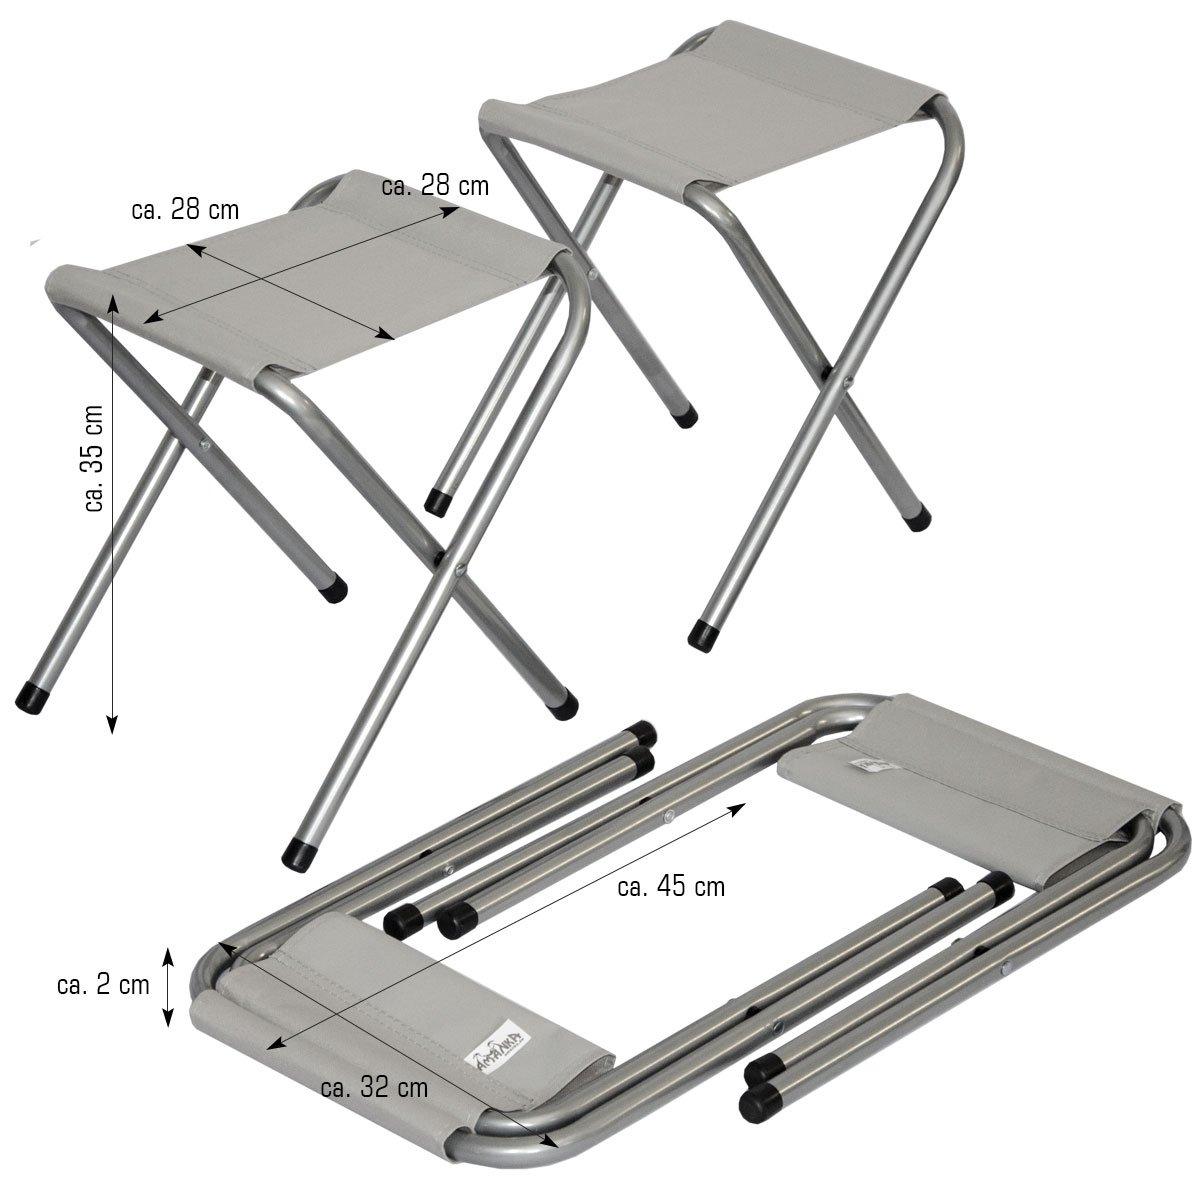 AMANKA Table de Camping Pliable r/églable en Hauteur 120x60x70cm INCL 4 Tabourets pliants Format Mallette Gris Fonc/é